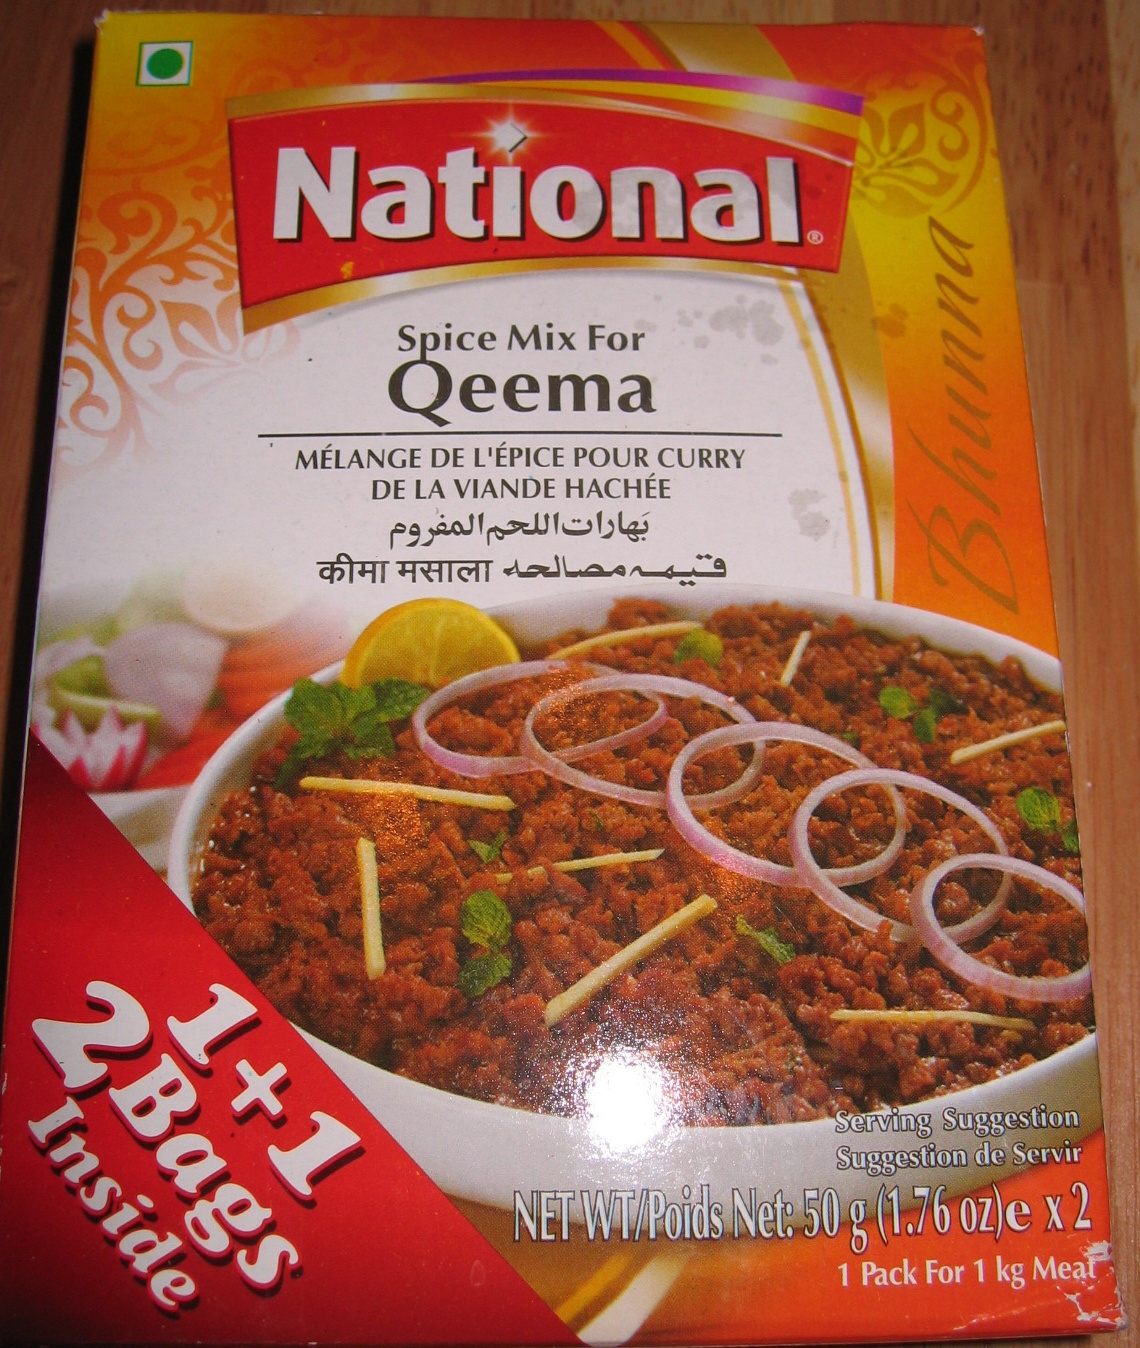 Qeema - Product